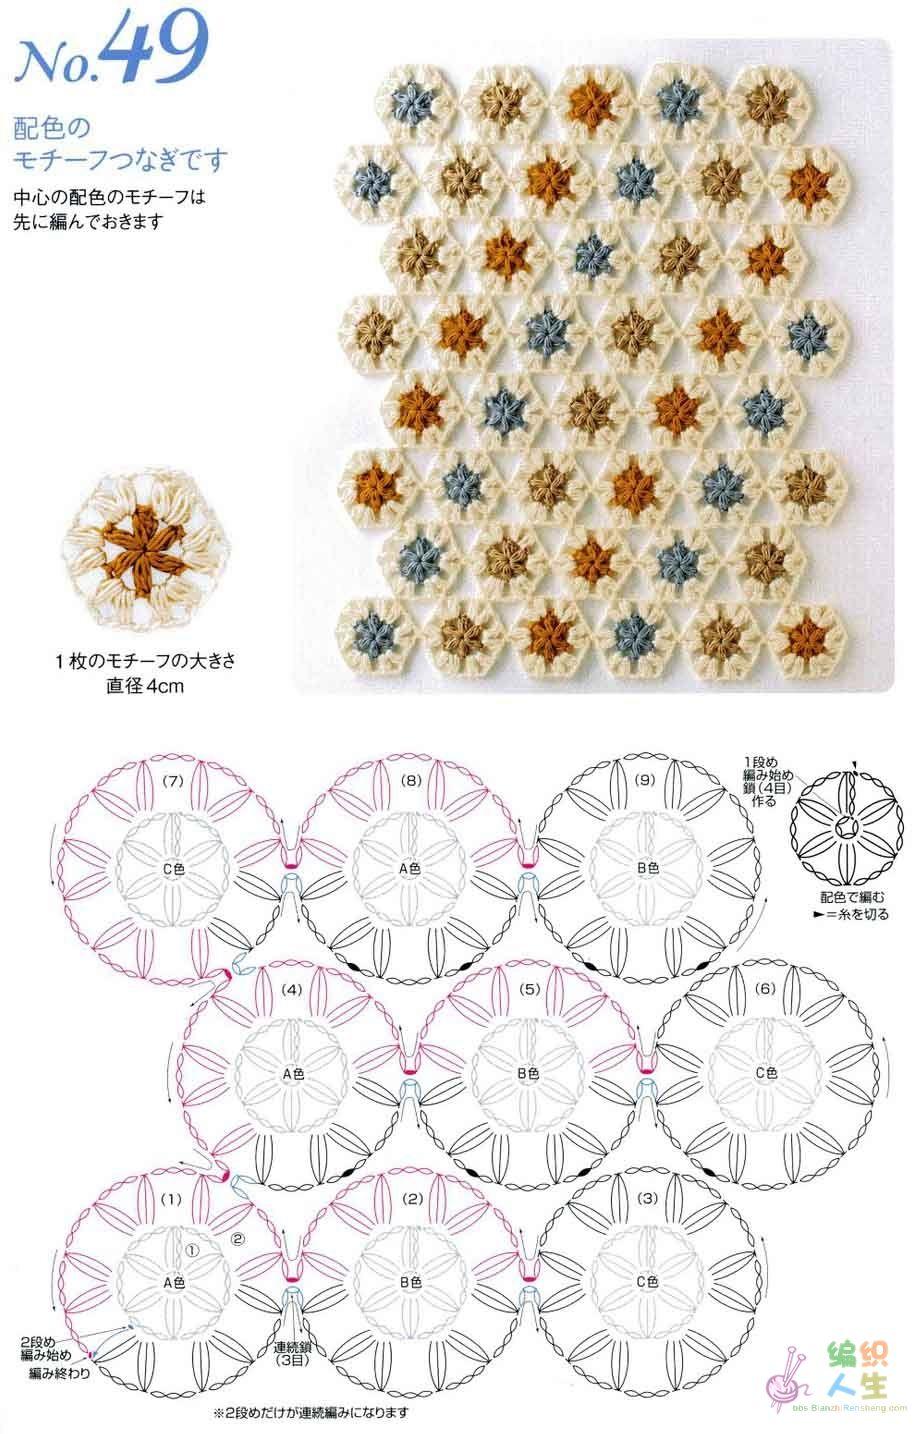 Clases de Puntos y Patrones. Libros - Patrones Crochet | tejidos ...